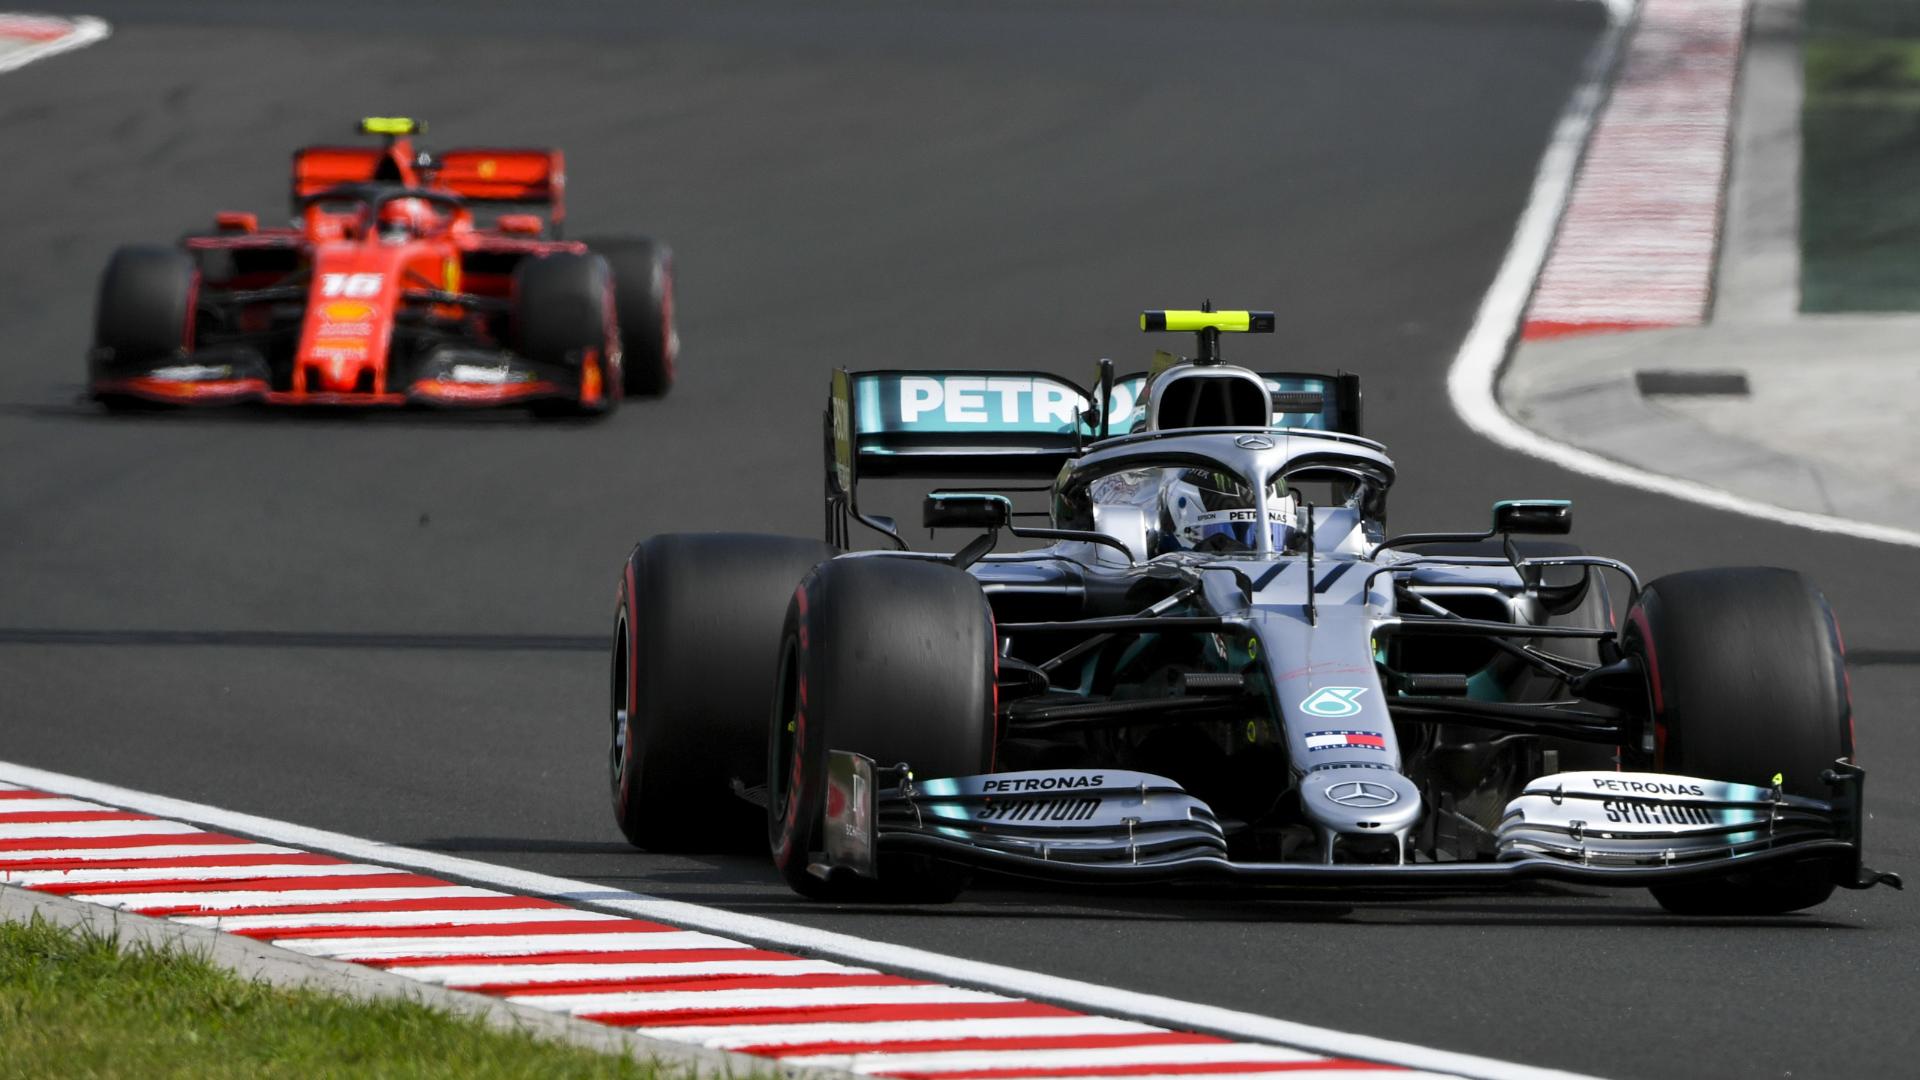 DT's 10 Hot Takes – On Hamilton's faith, Honda's threat